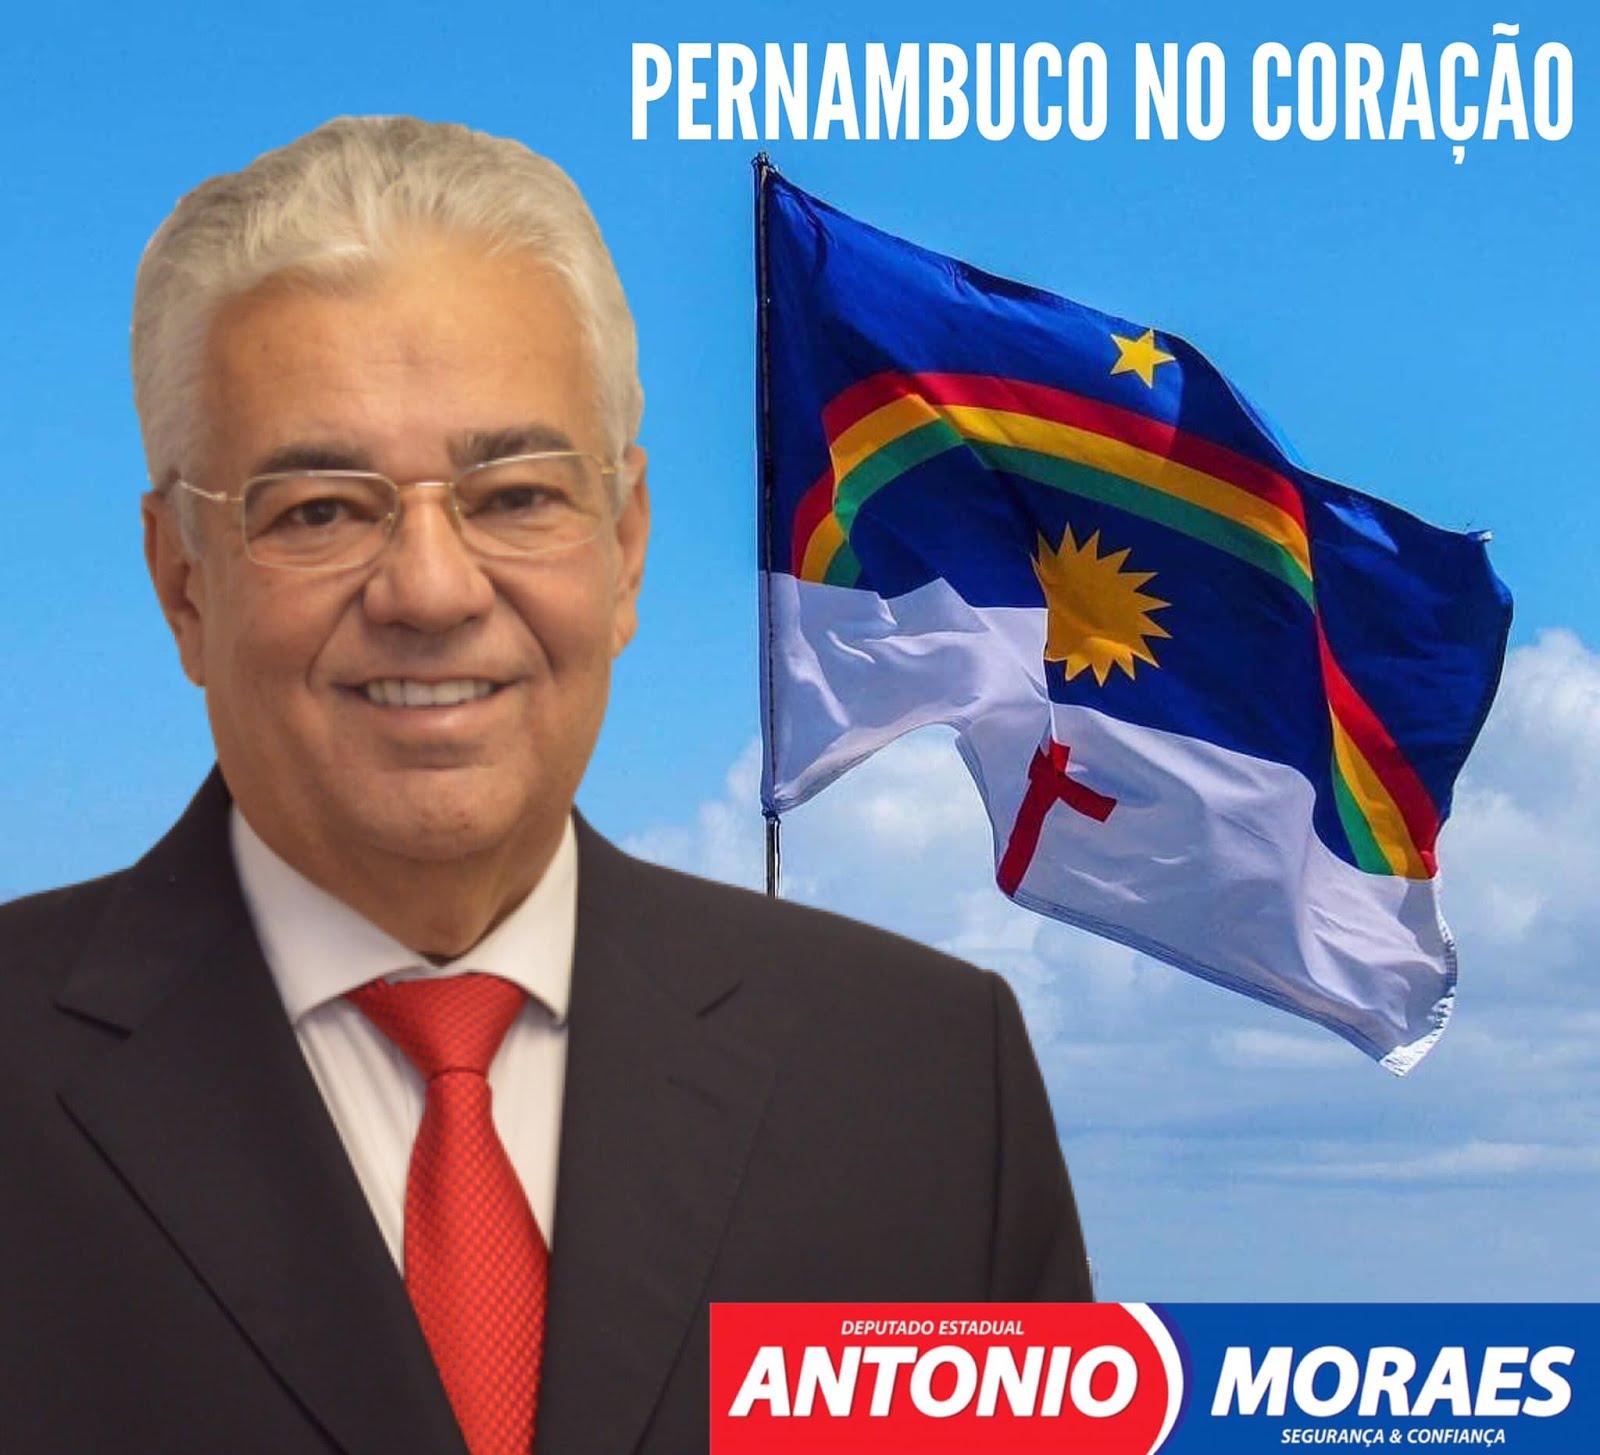 ANTONIO MORAES!